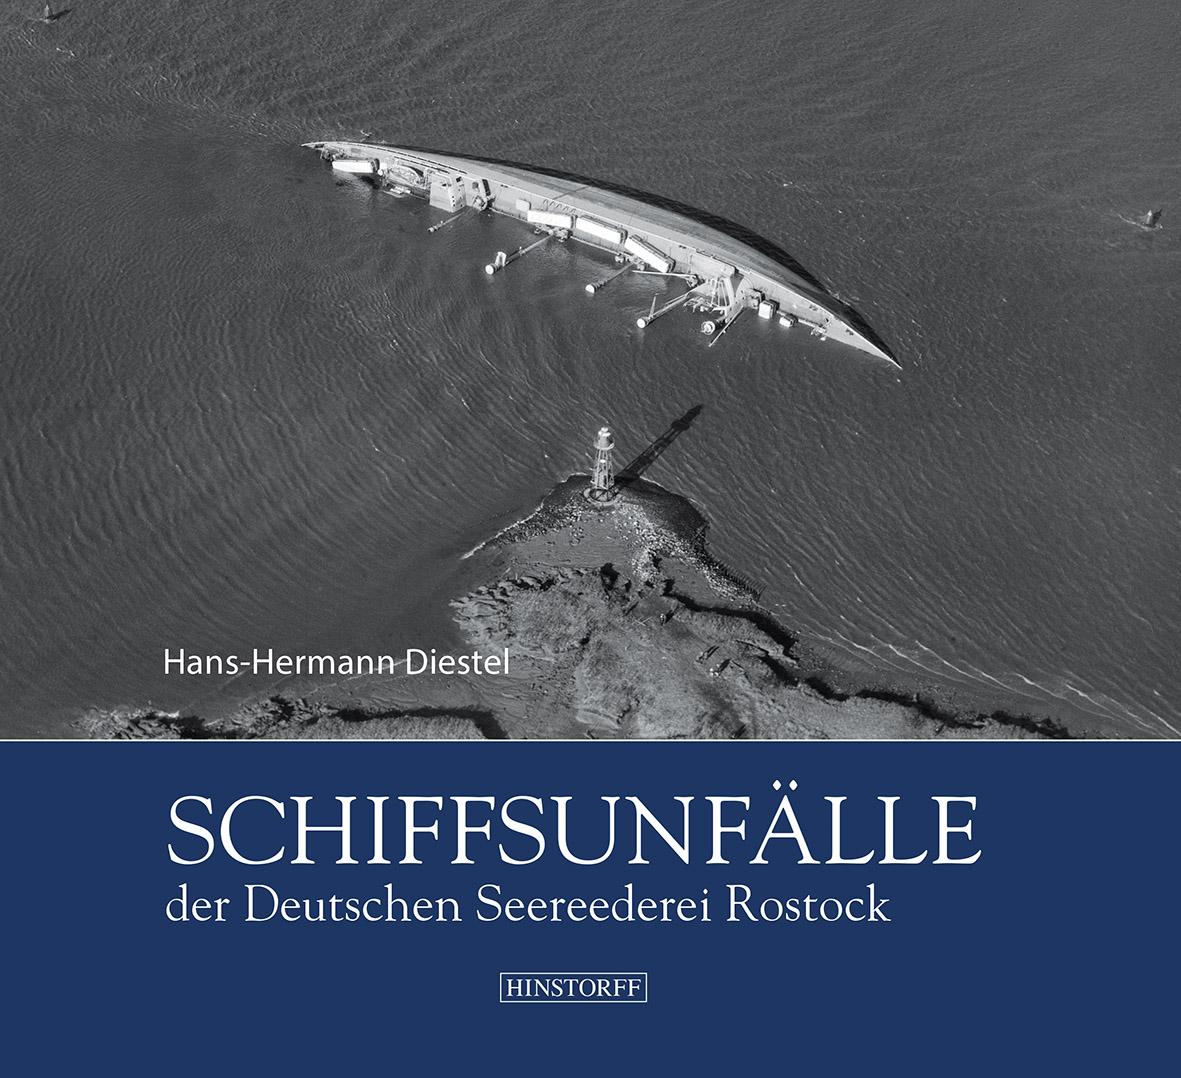 Schiffsunfälle der Deutschen Seereederei Rostock